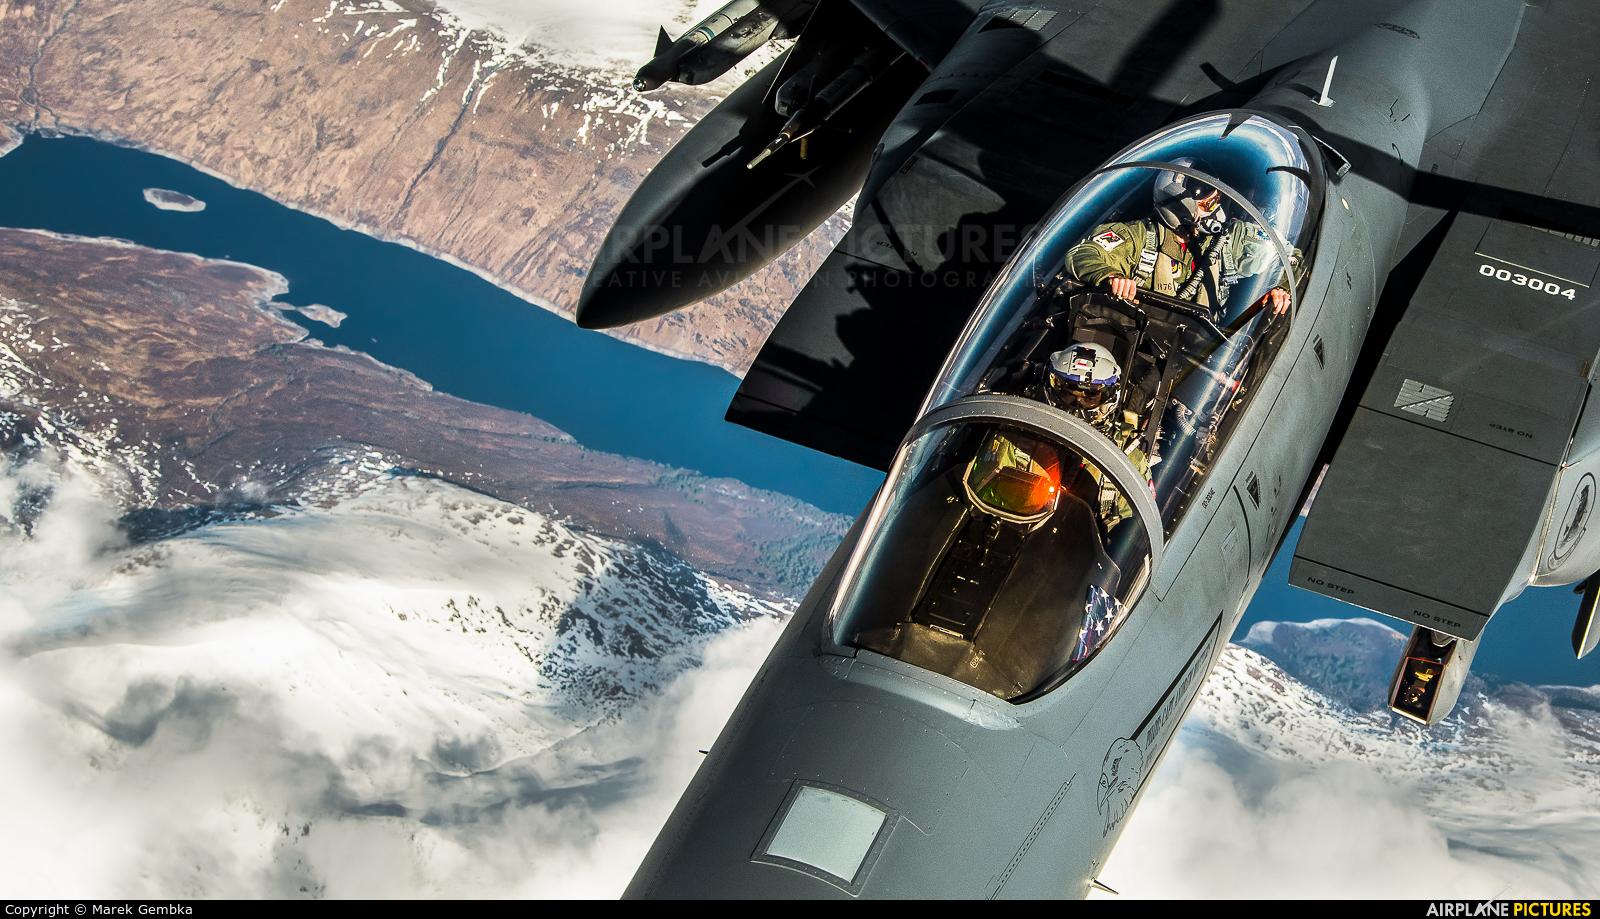 USA - Air Force 00-3004 aircraft at In Flight - Scotland